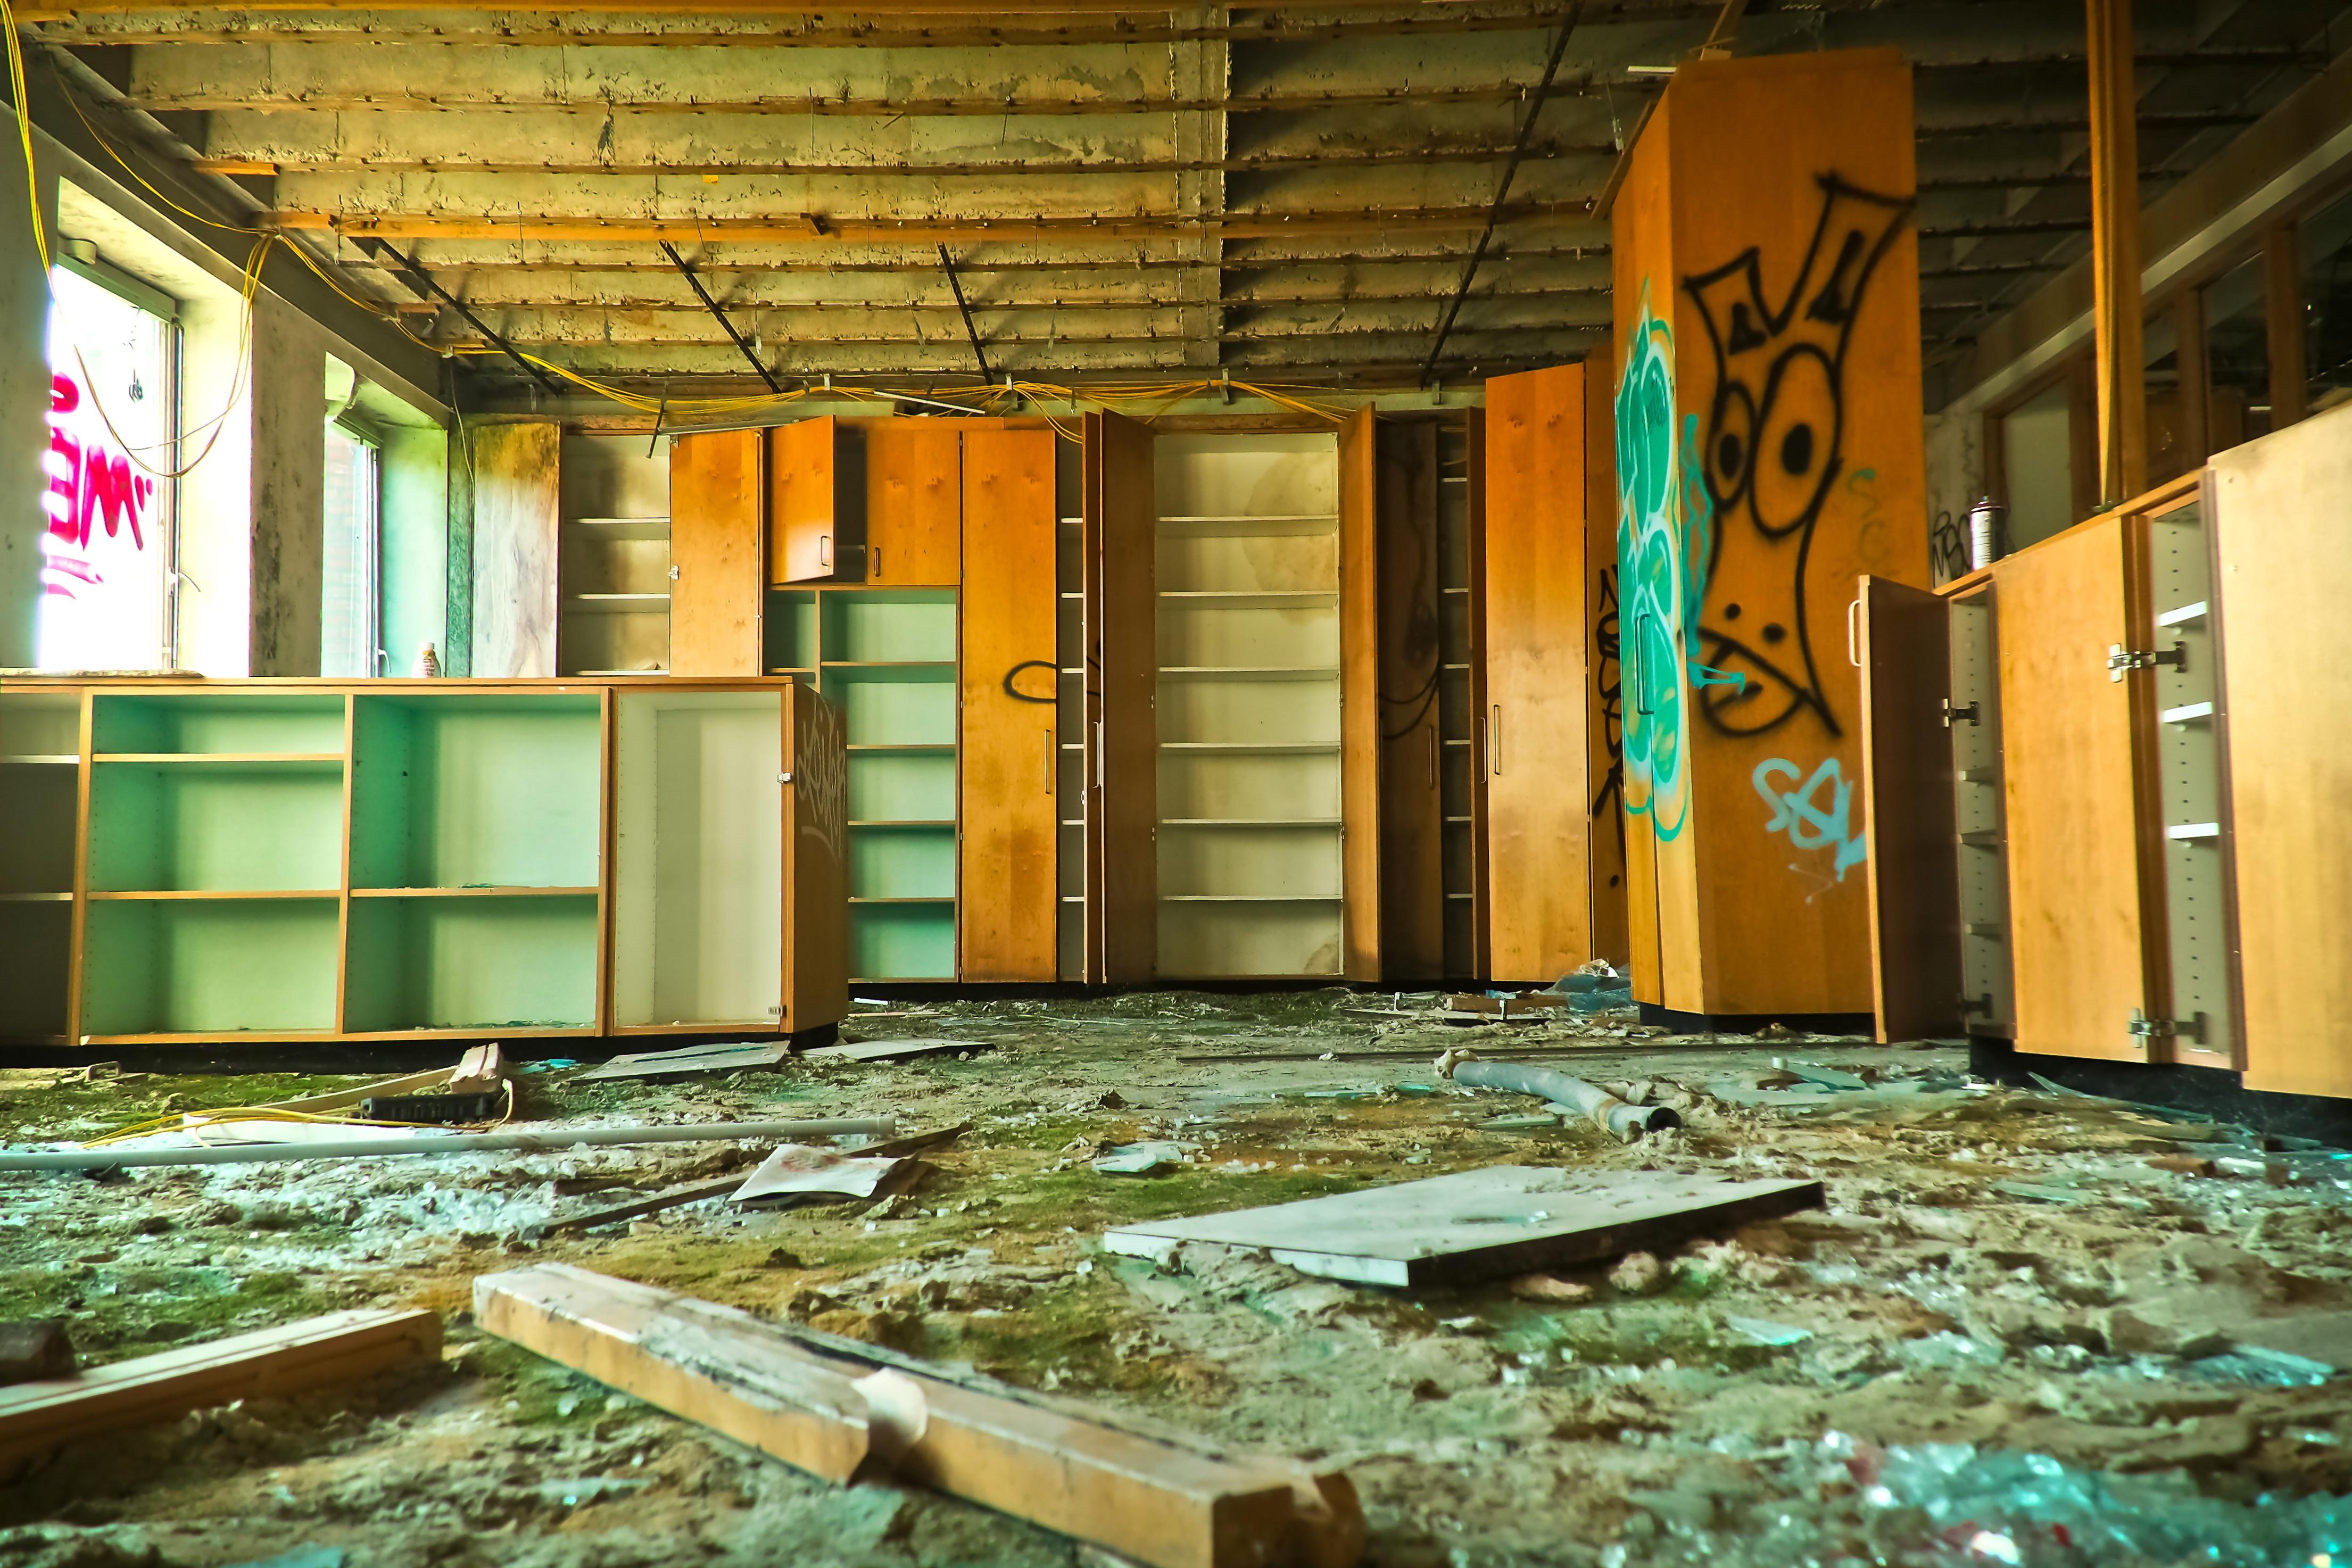 Kostenlose foto : die Architektur, Holz, Villa, Haus, Stock, Fenster ...